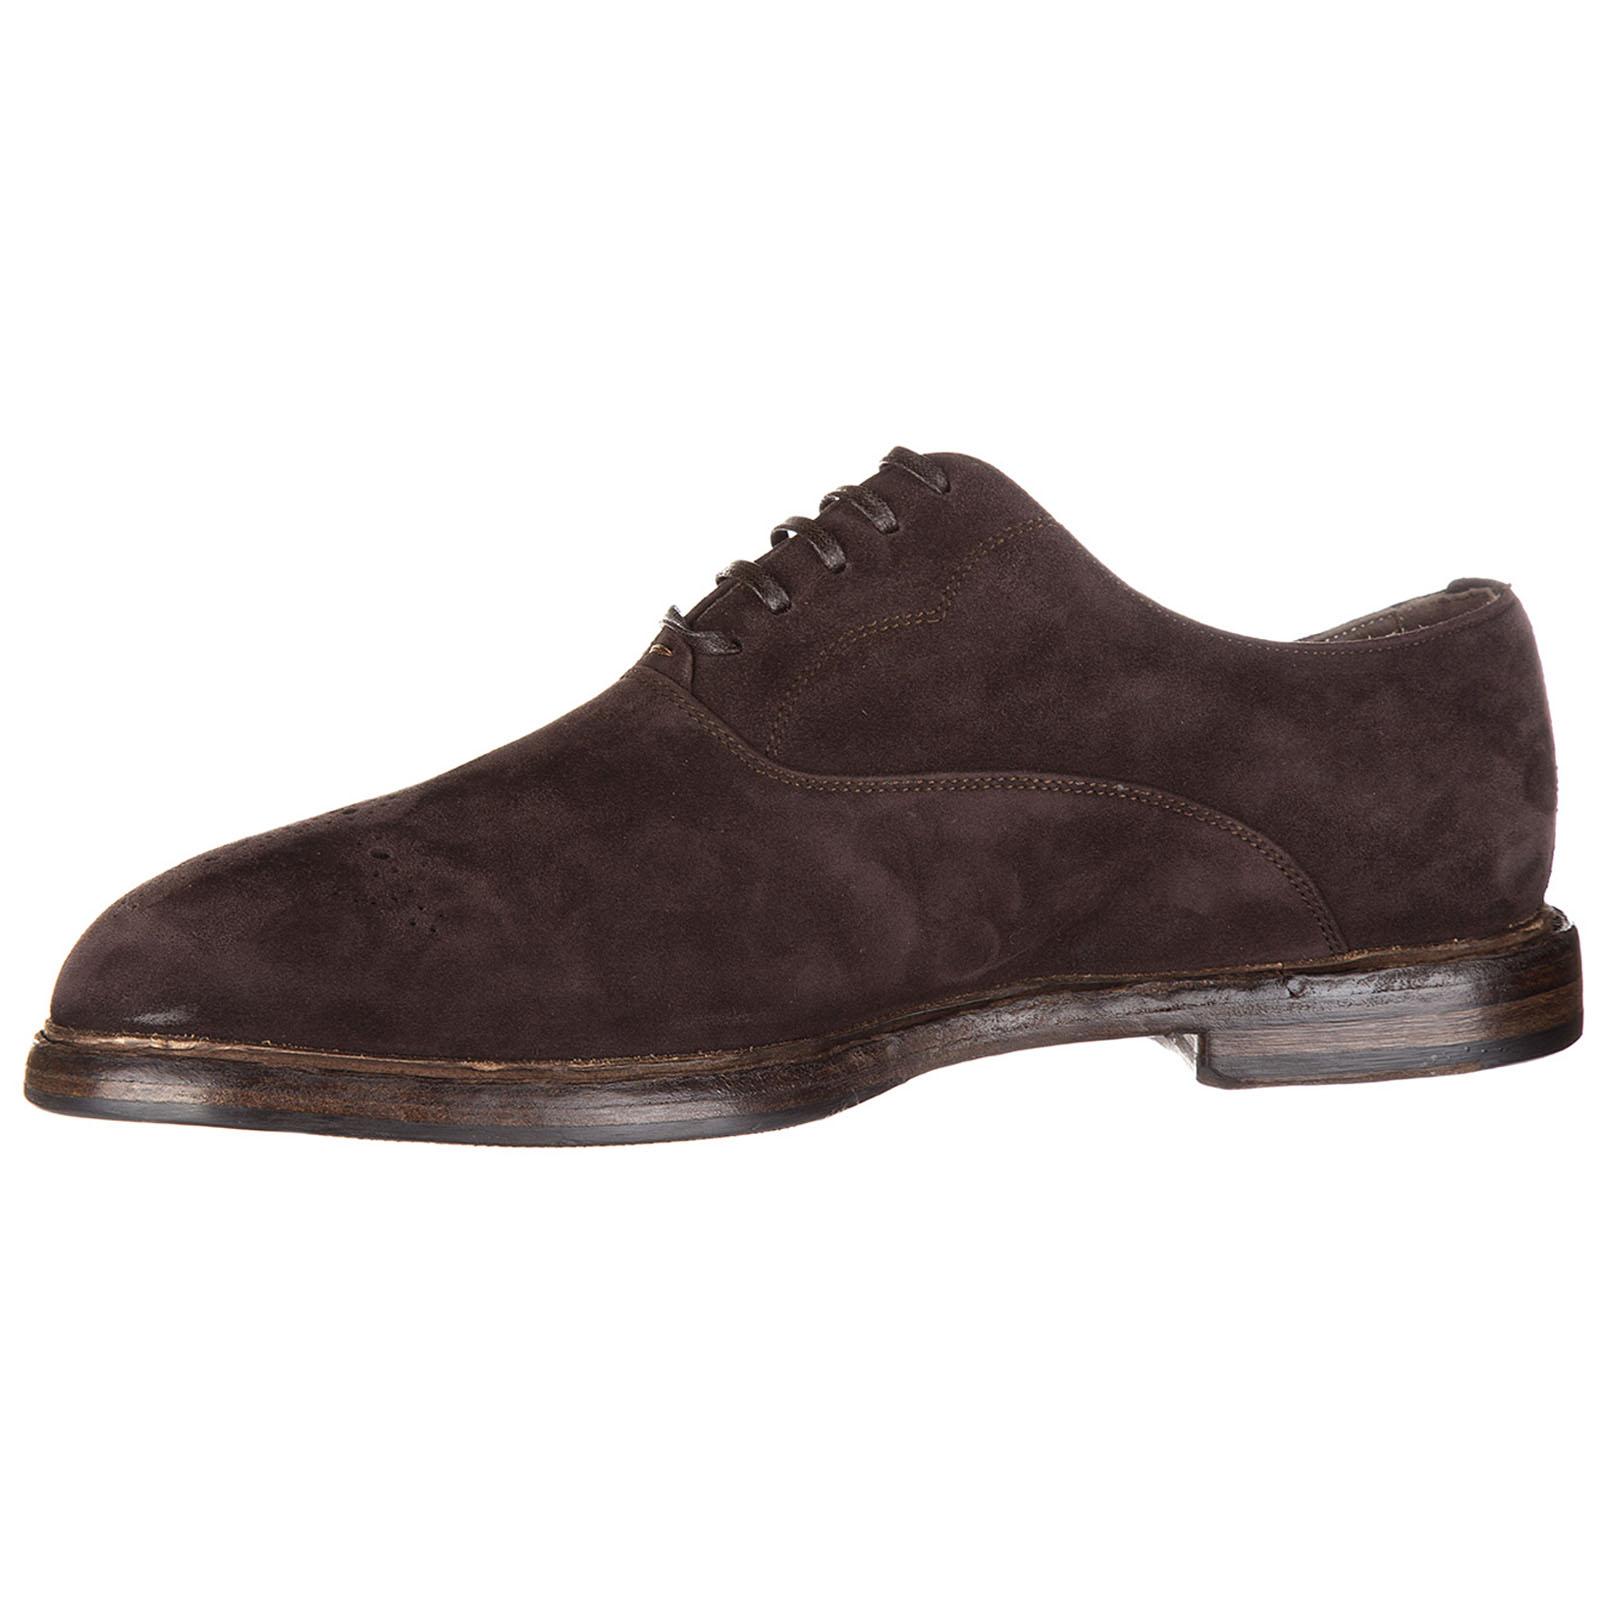 Clásico zapatos de cordones en ante hombres francesina washcoo